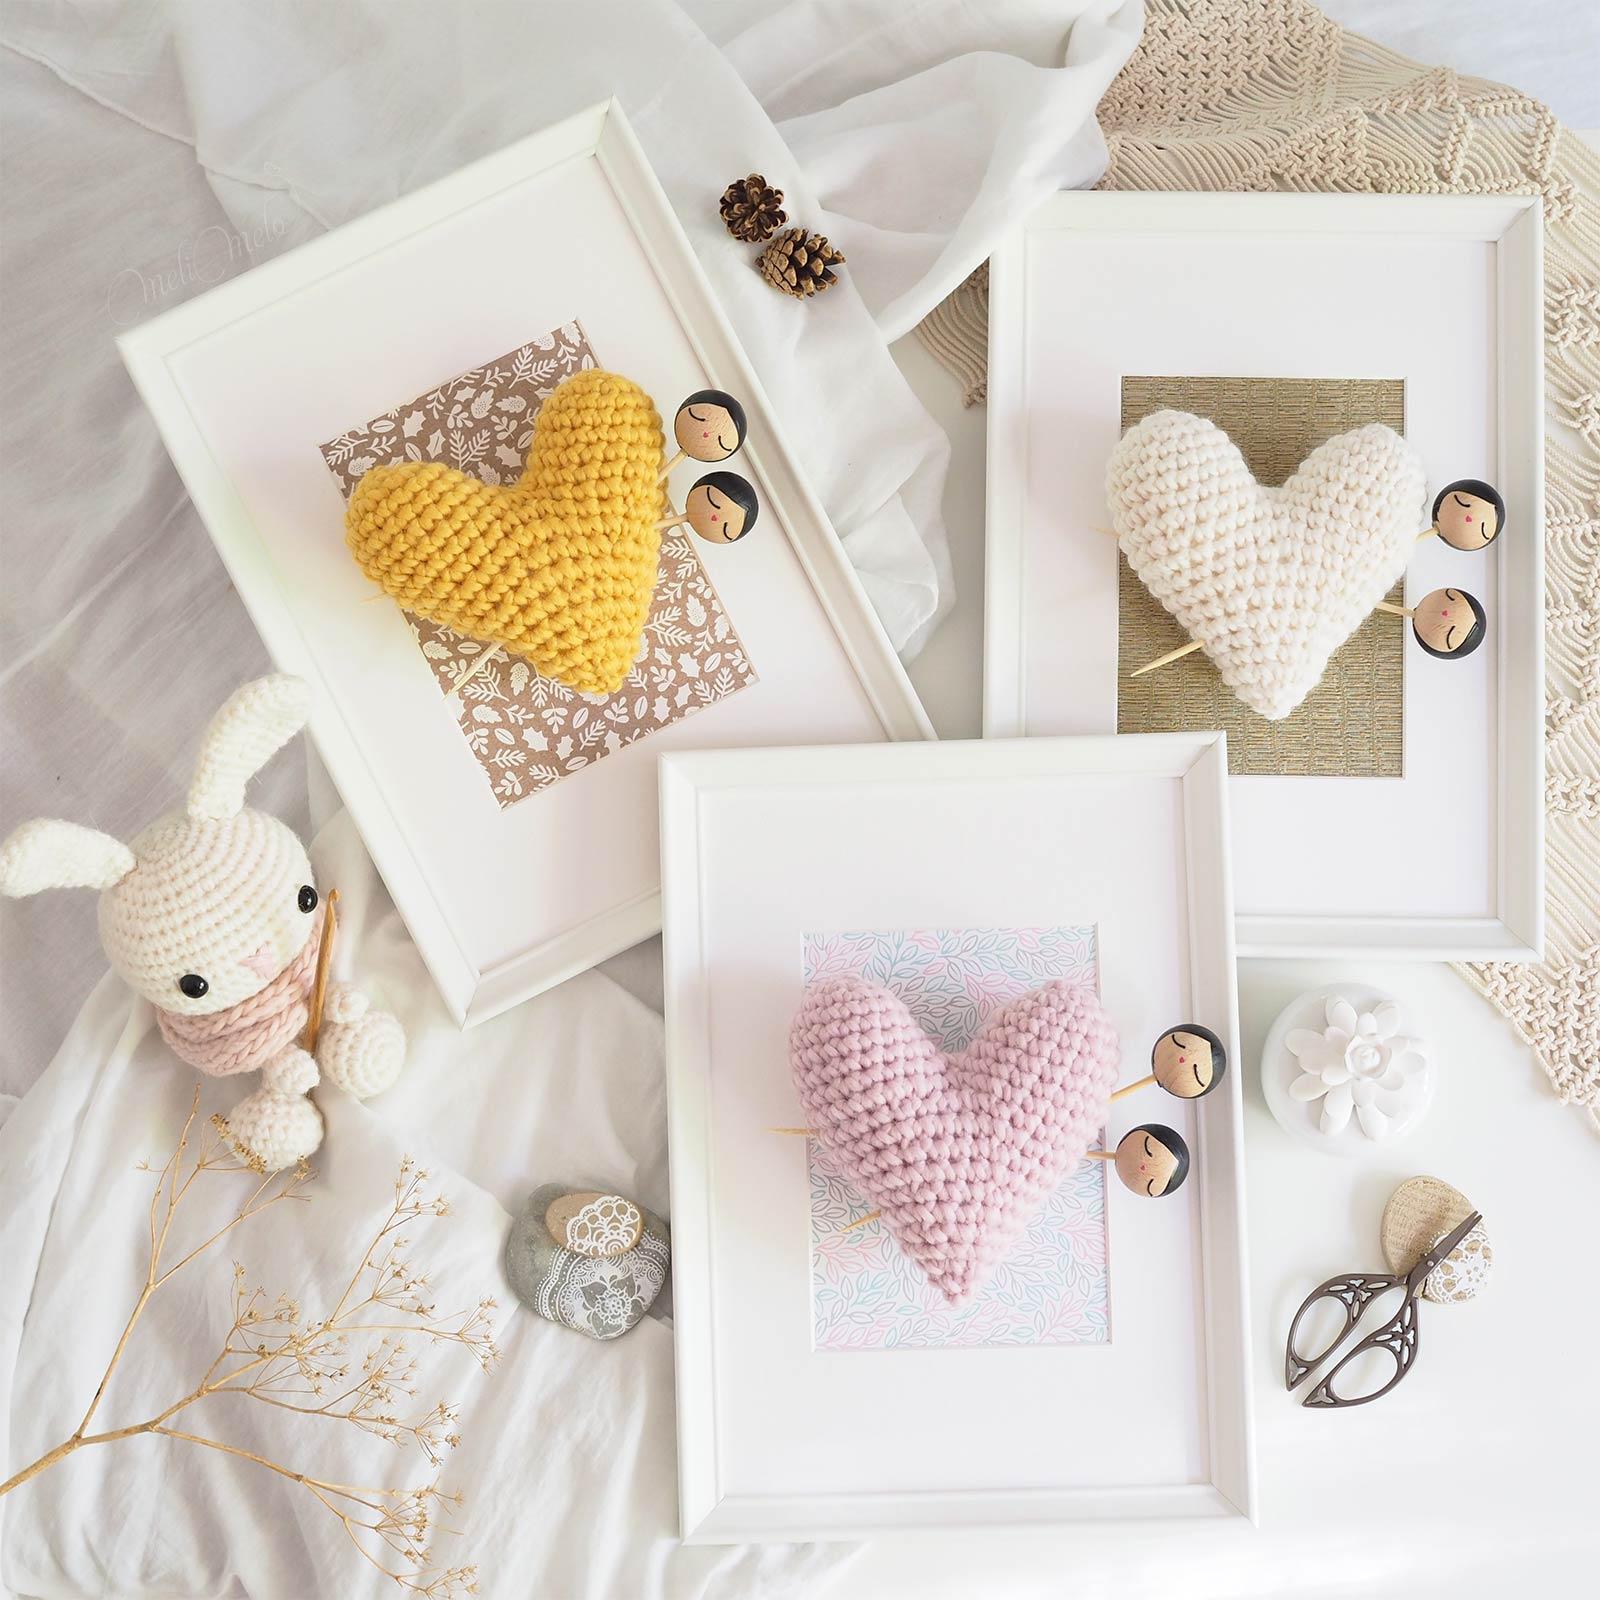 cadre coeur crochet laine we are knitters poupées lespoisplumes la boutique de melimelo